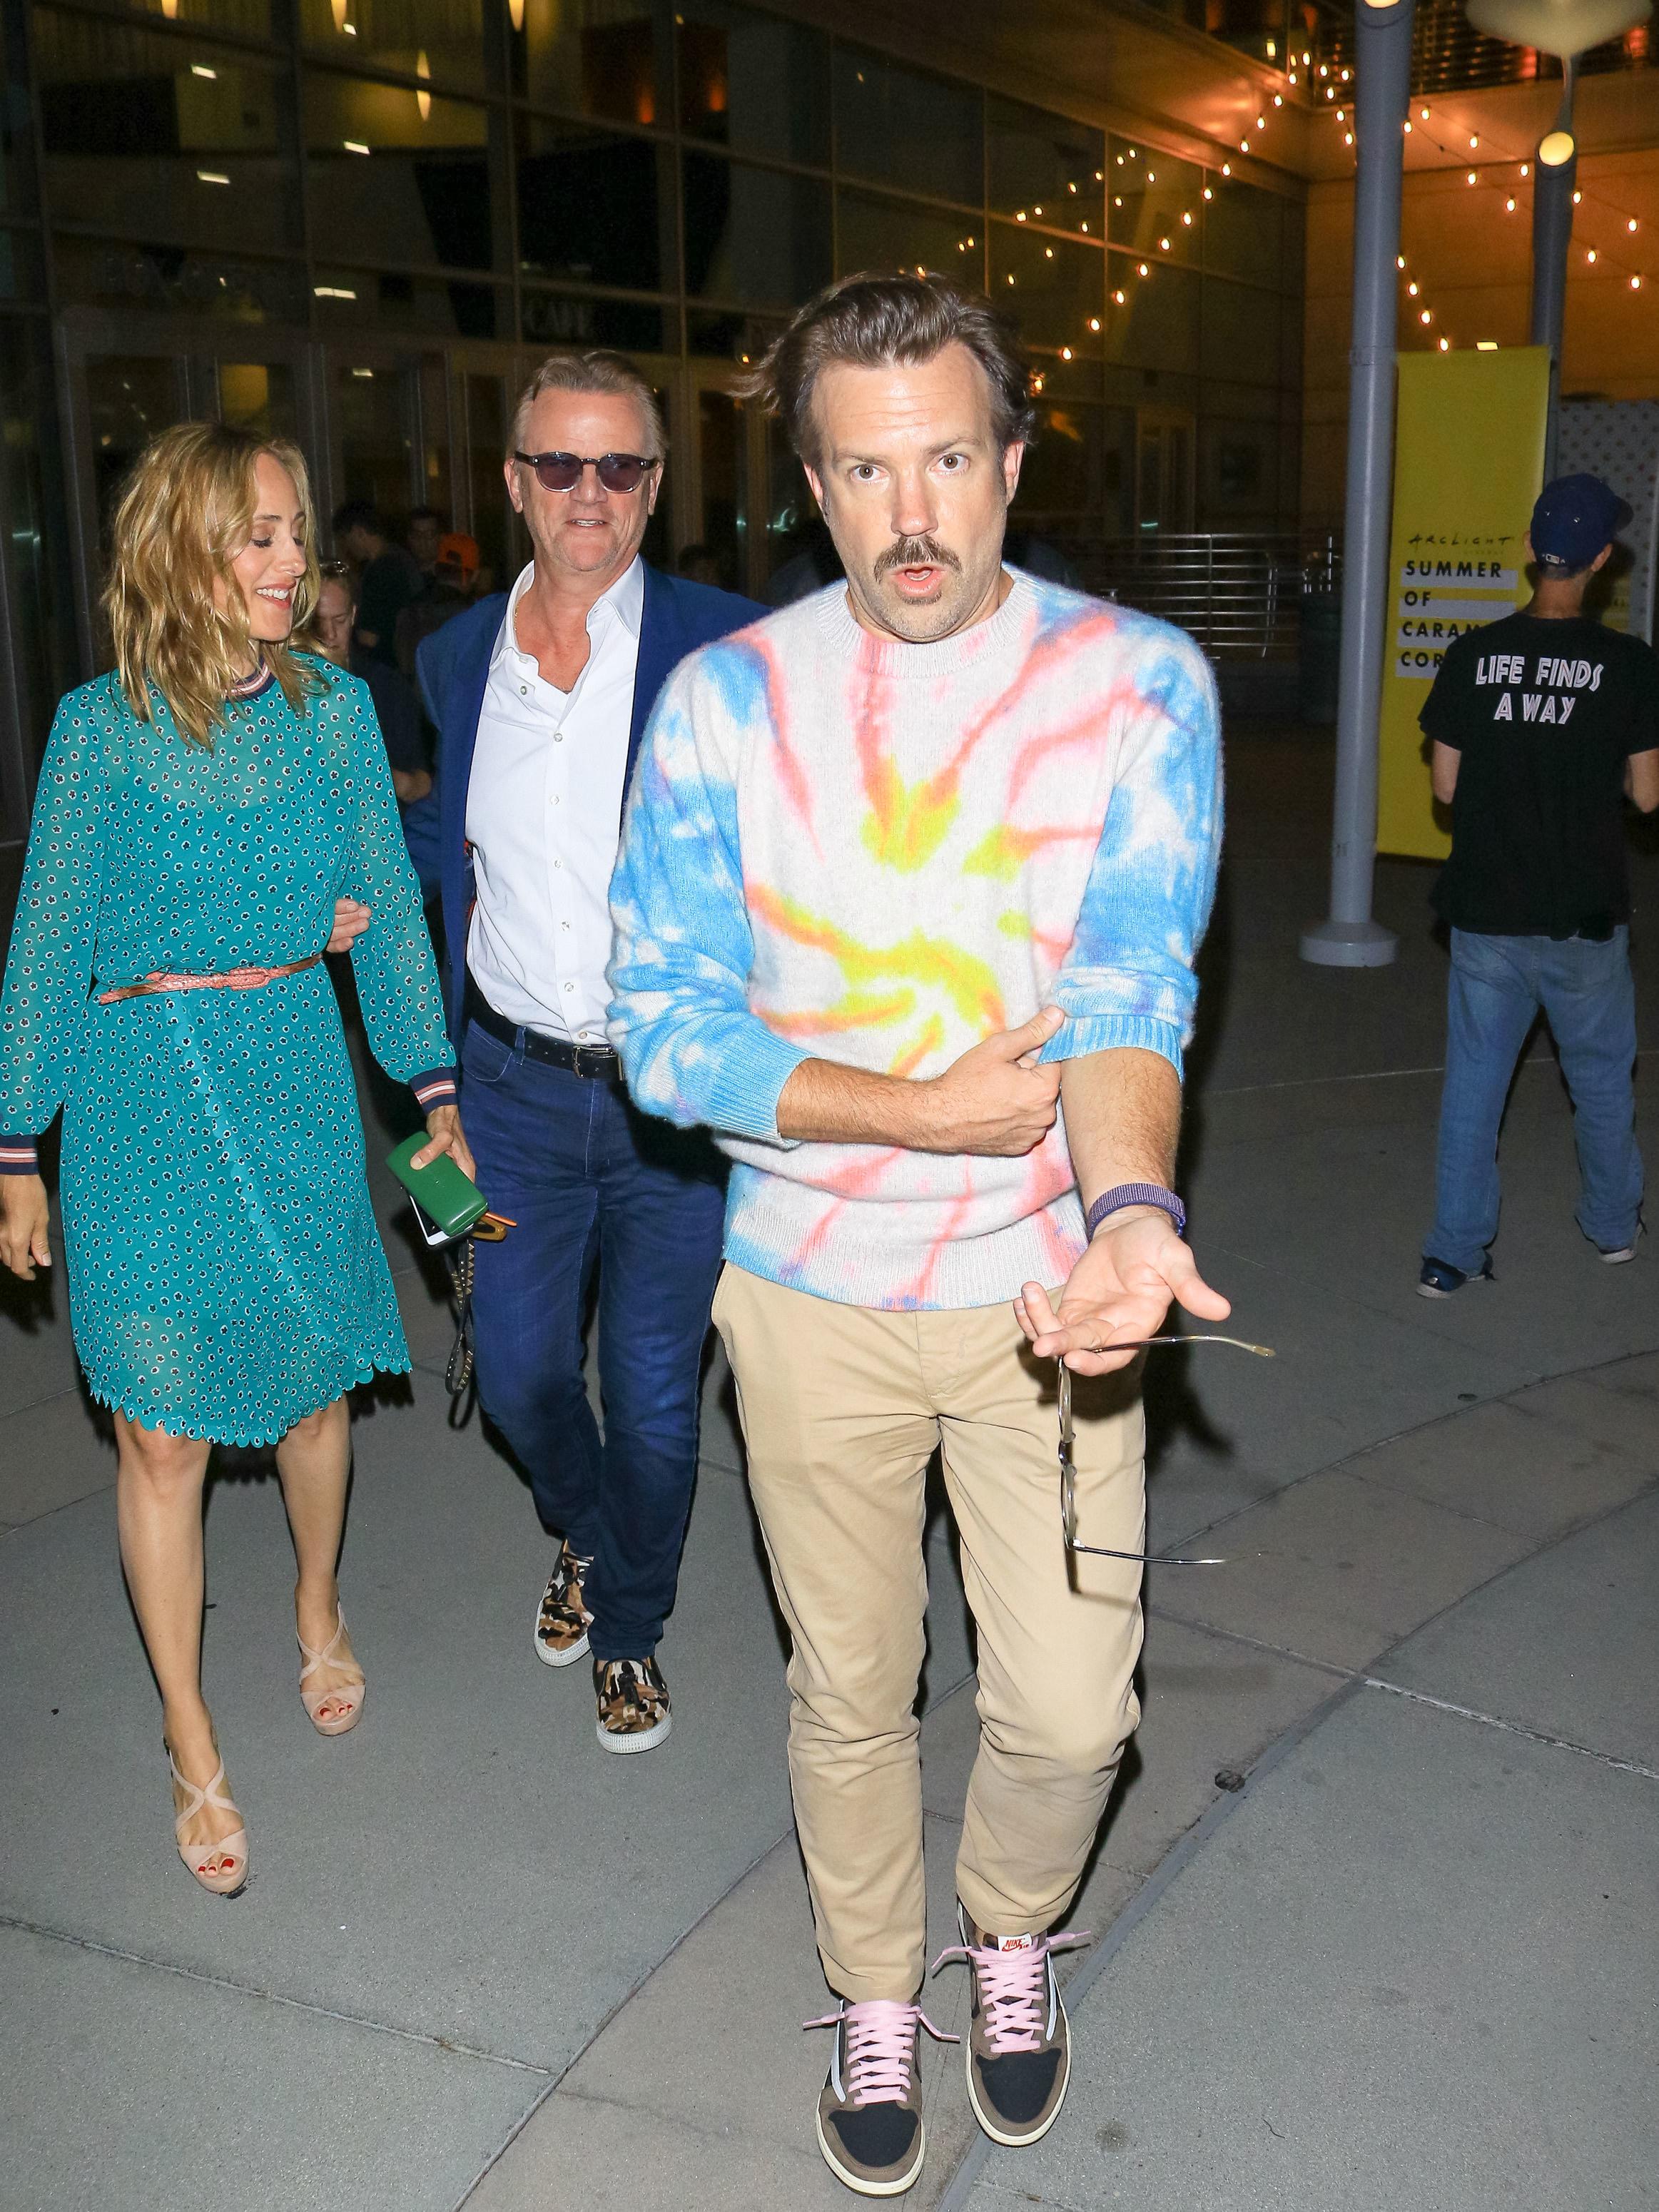 Jason walking outside in a tie-dye sweater